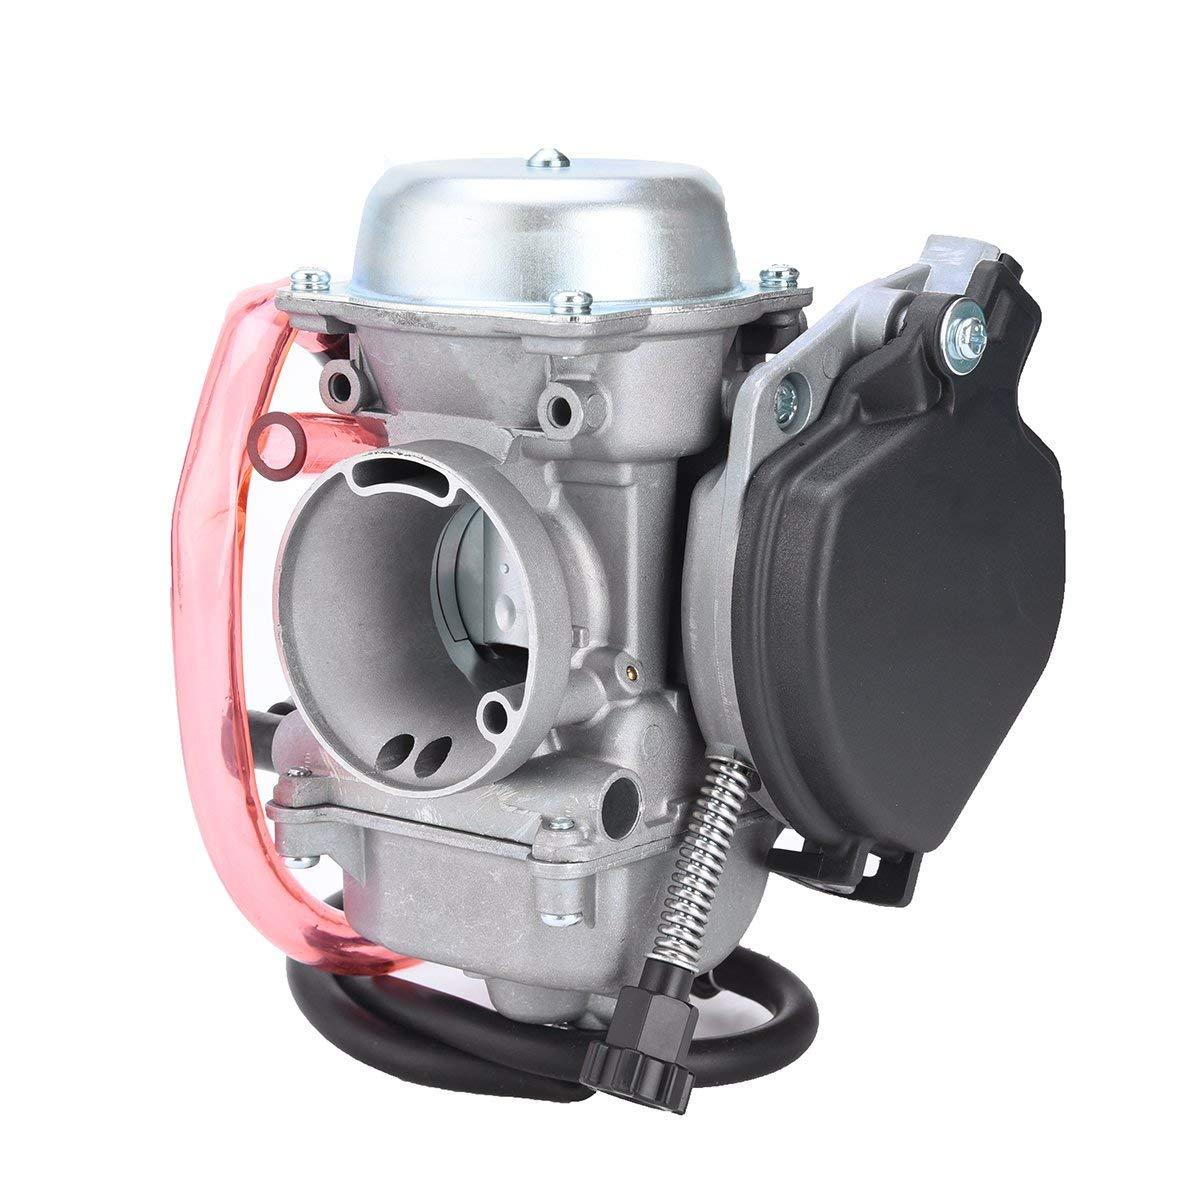 35mm Inner Diameter Carburetor 15003-1686 Carb for KVF360 PRAIRIE 360 2003-2007